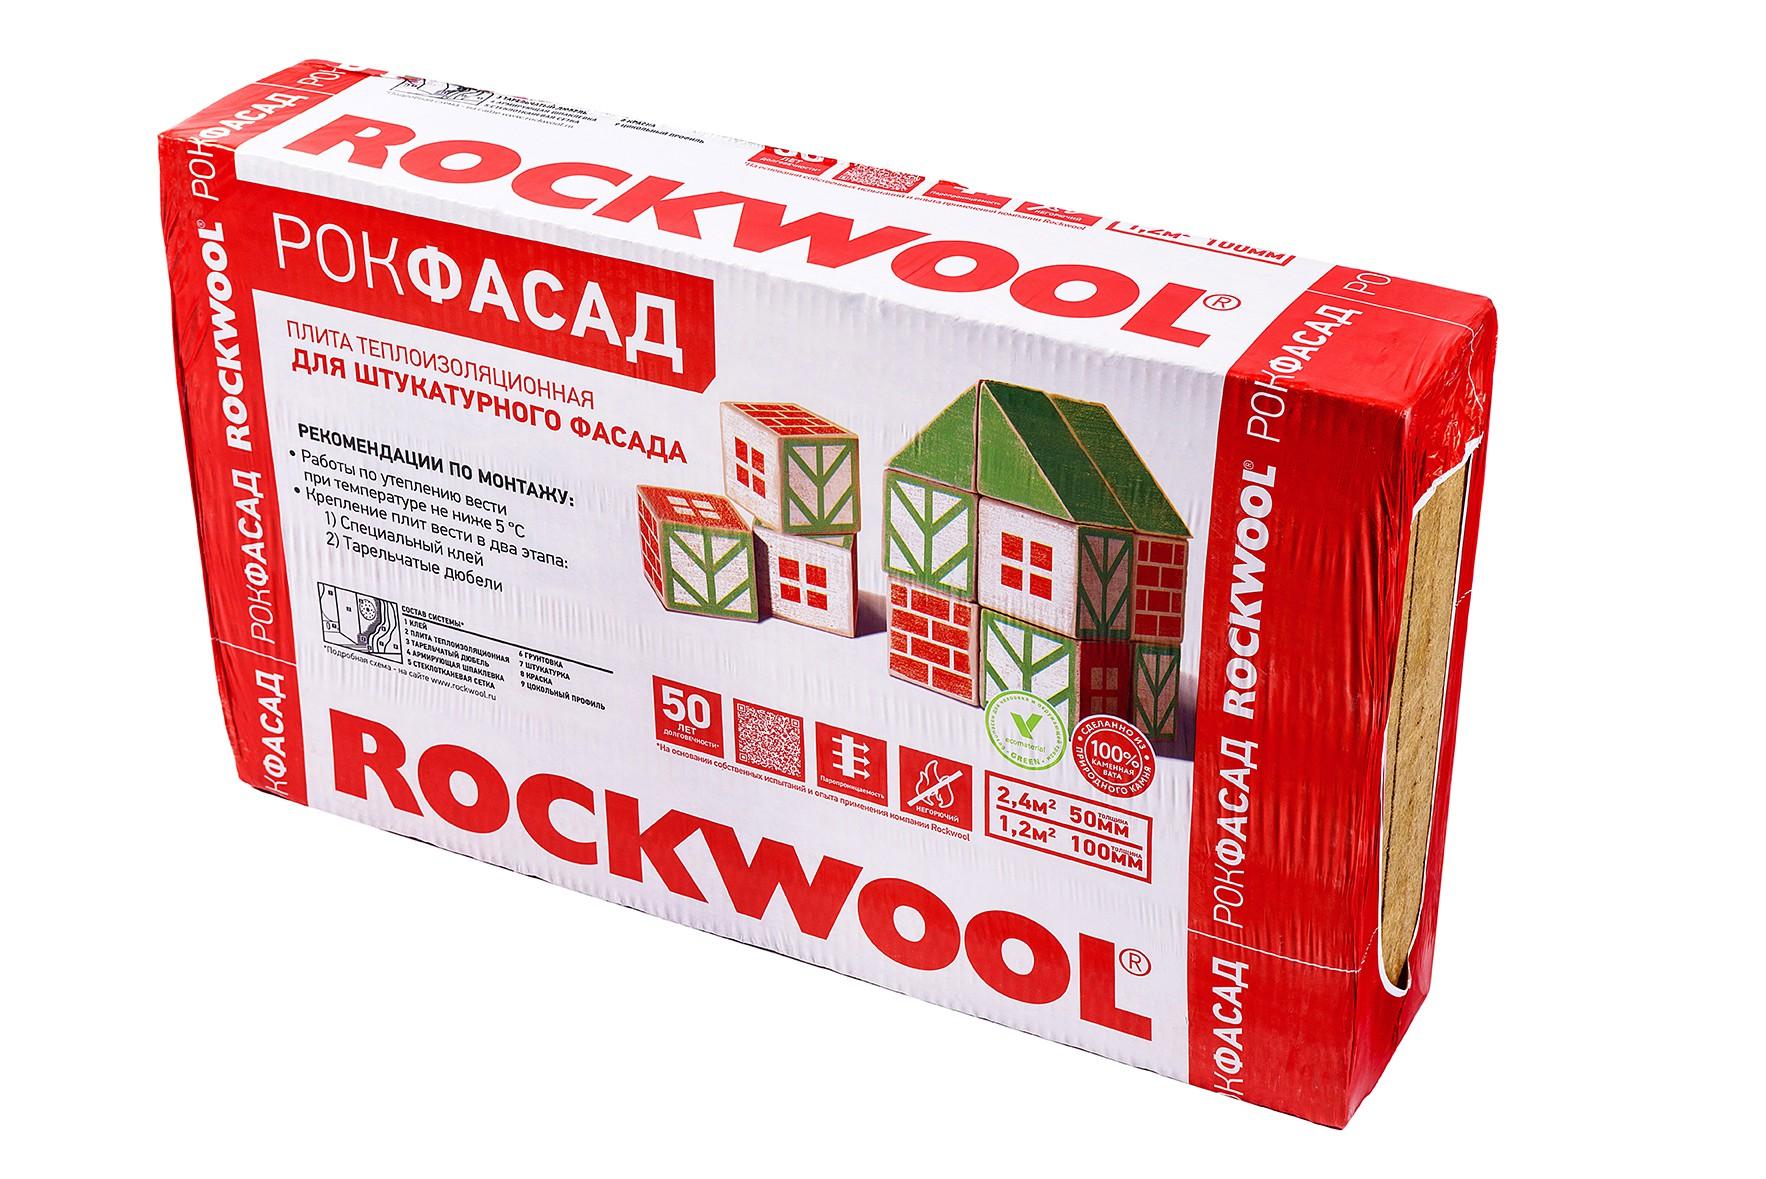 Купить Минеральная вата Rockwool Рокфасад 1000x600 толщина 100 мм (2 плиты в упаковке) — Фото №1